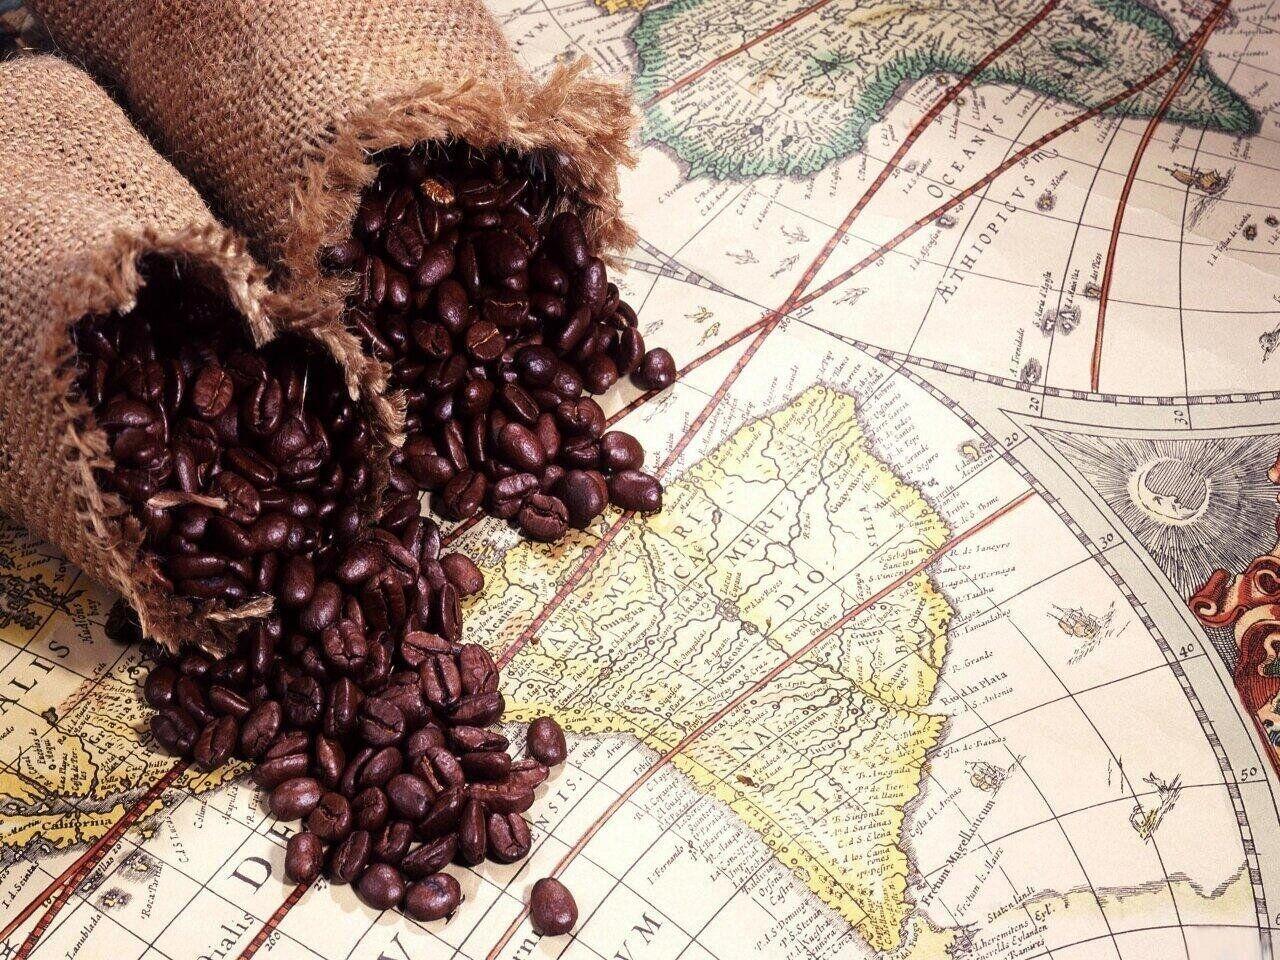 5-10-15-lb-Peru-Approcassi-Cajamarca-Fair-Trade-Organic-Shade-Grown-Coffee-Beans